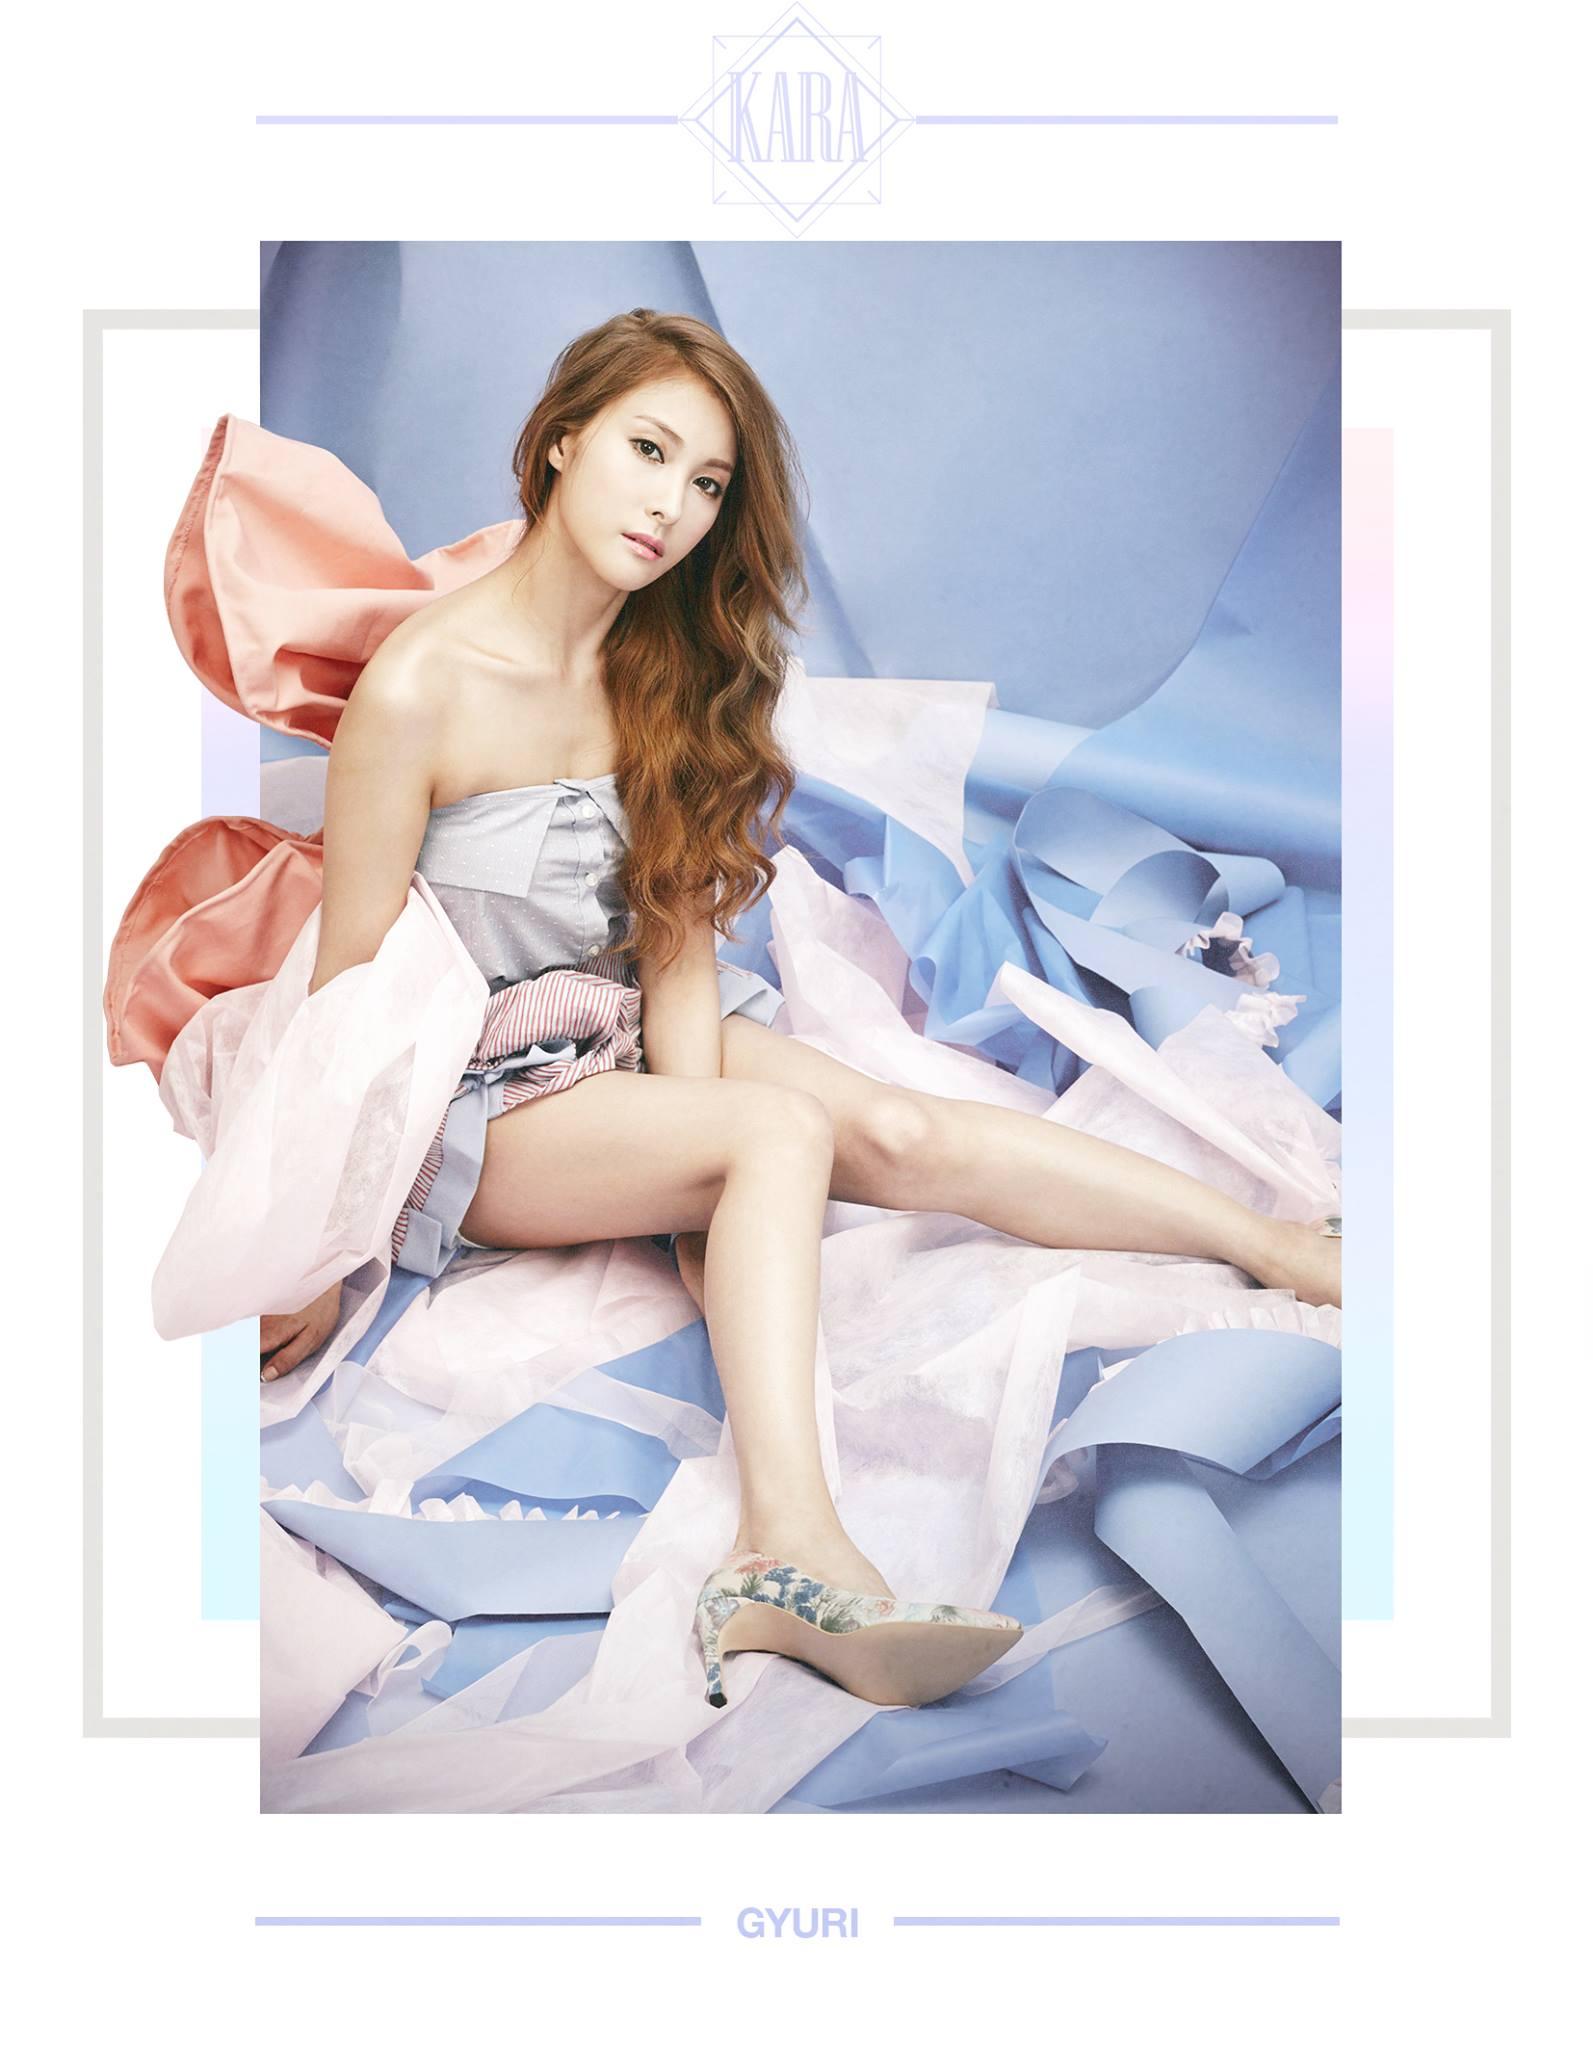 KARA Park Gyuri In Love